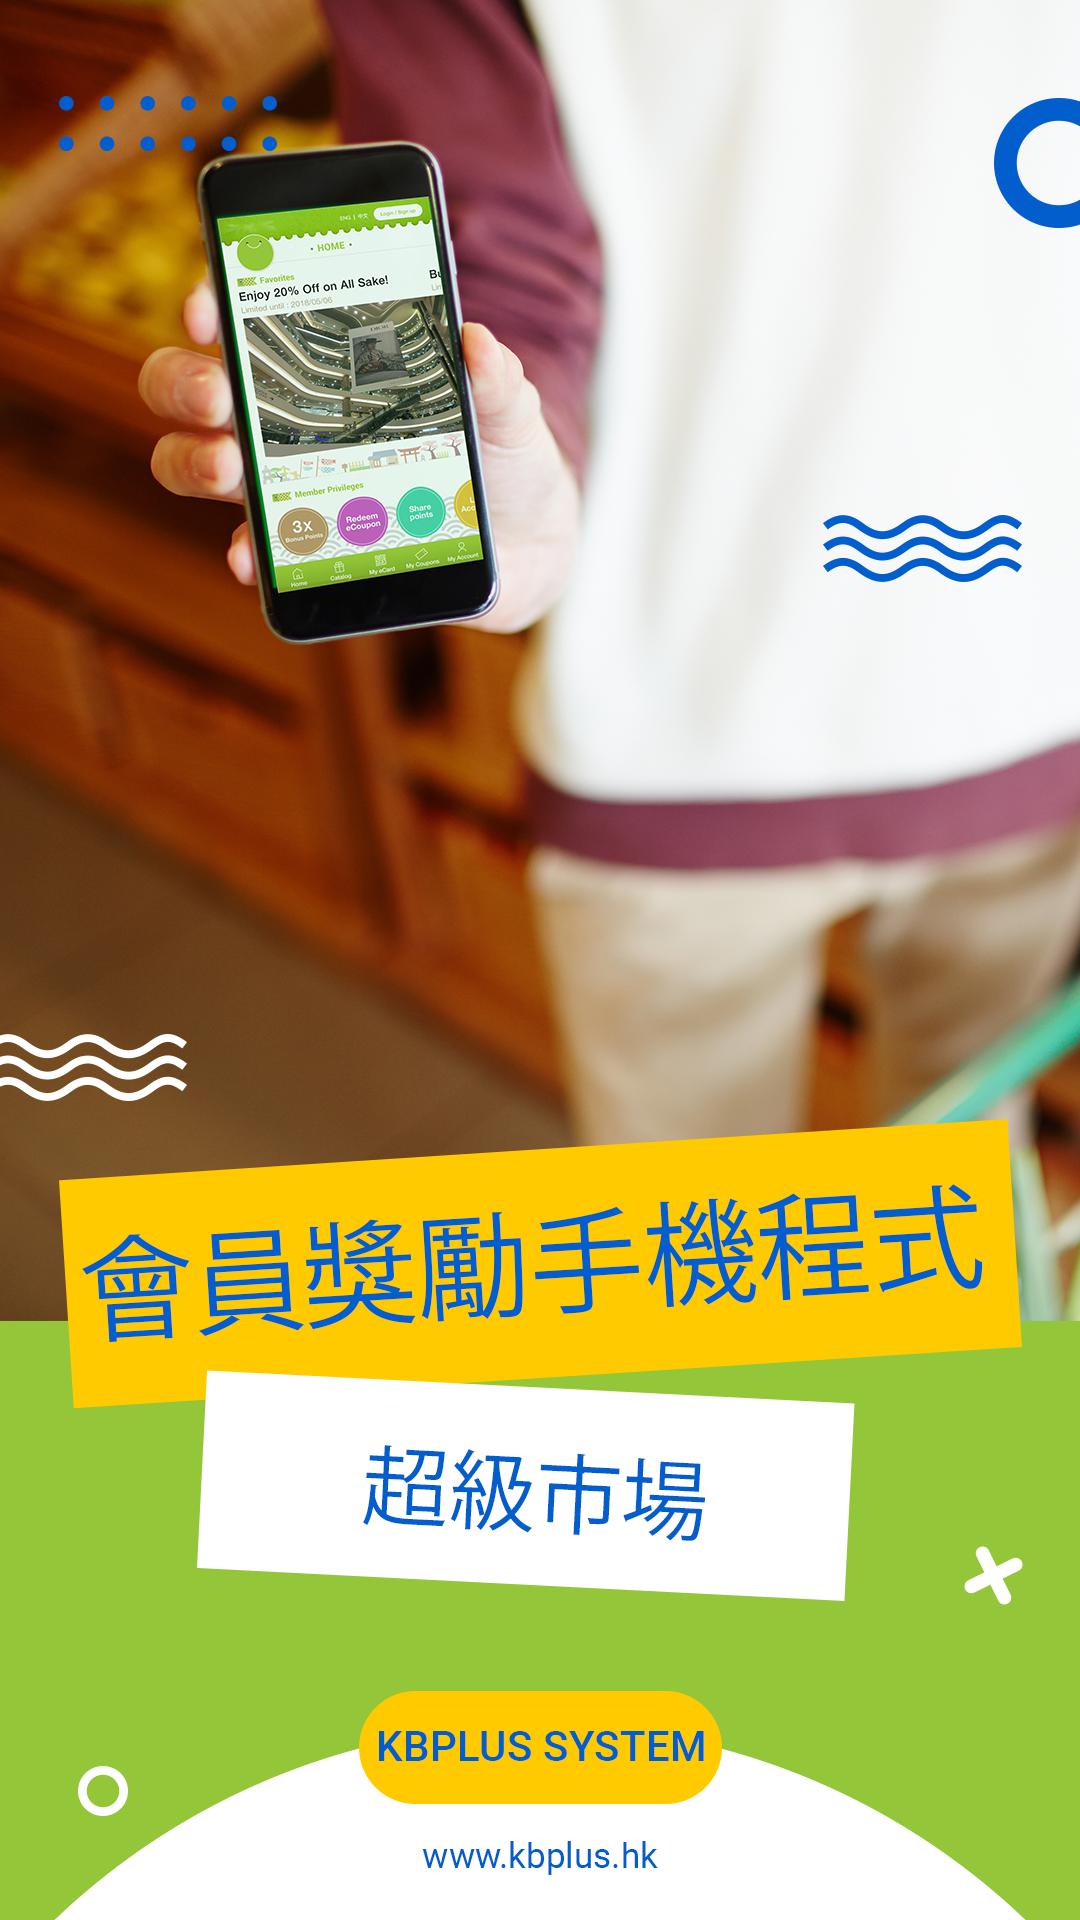 超級市場 Mobile App